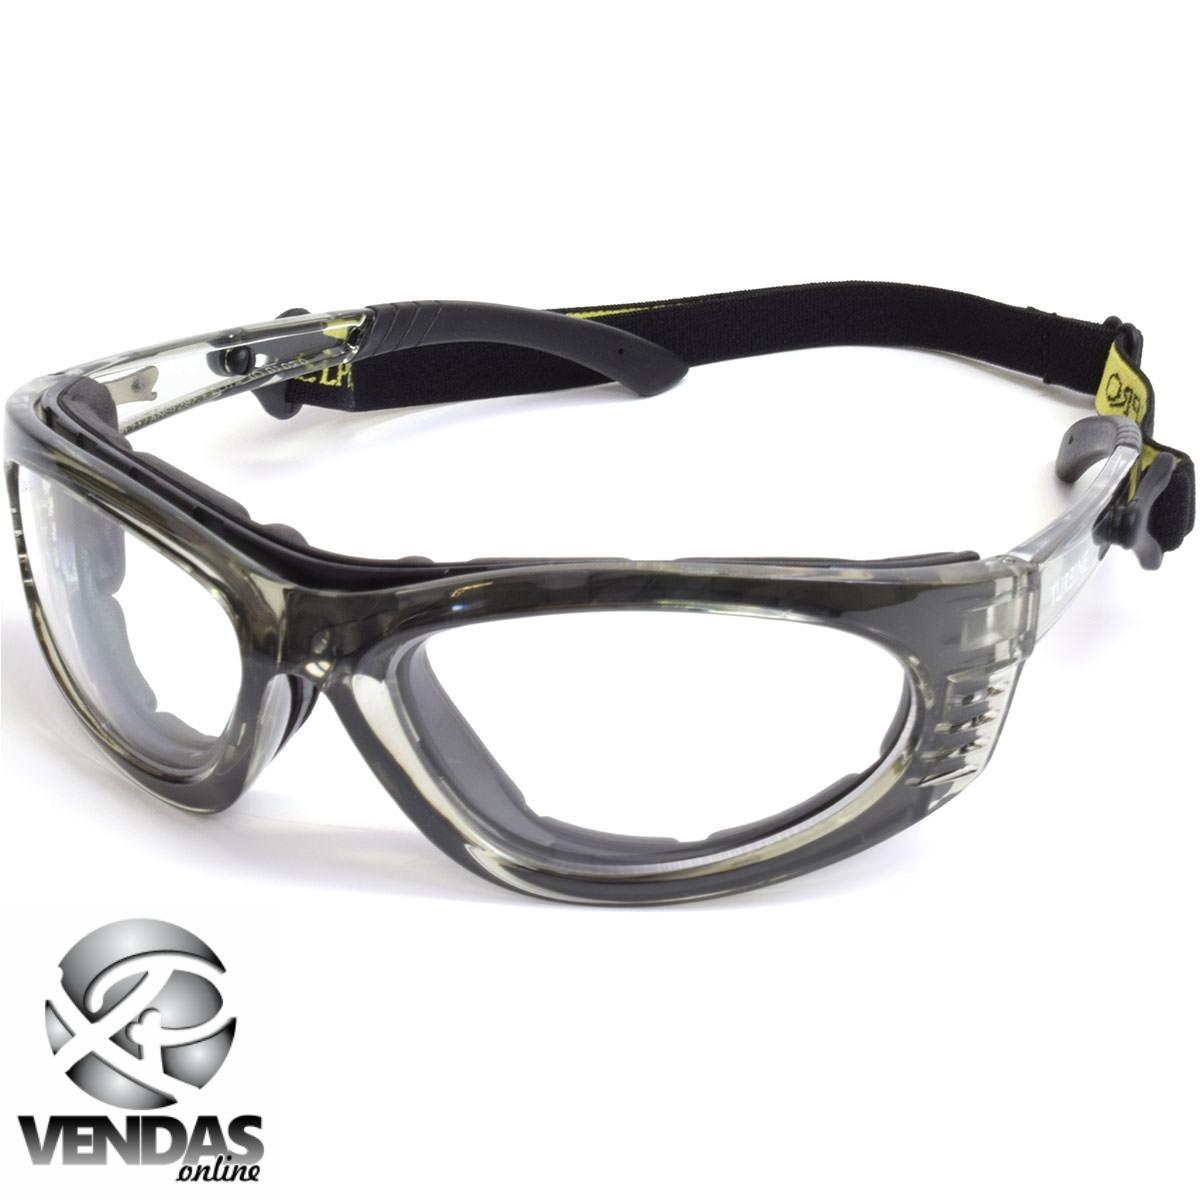 36a4d4cc3a2b8 Óculos Futebol Proteção Basquete Aceita Grau Volei Futevolei - R  39 ...